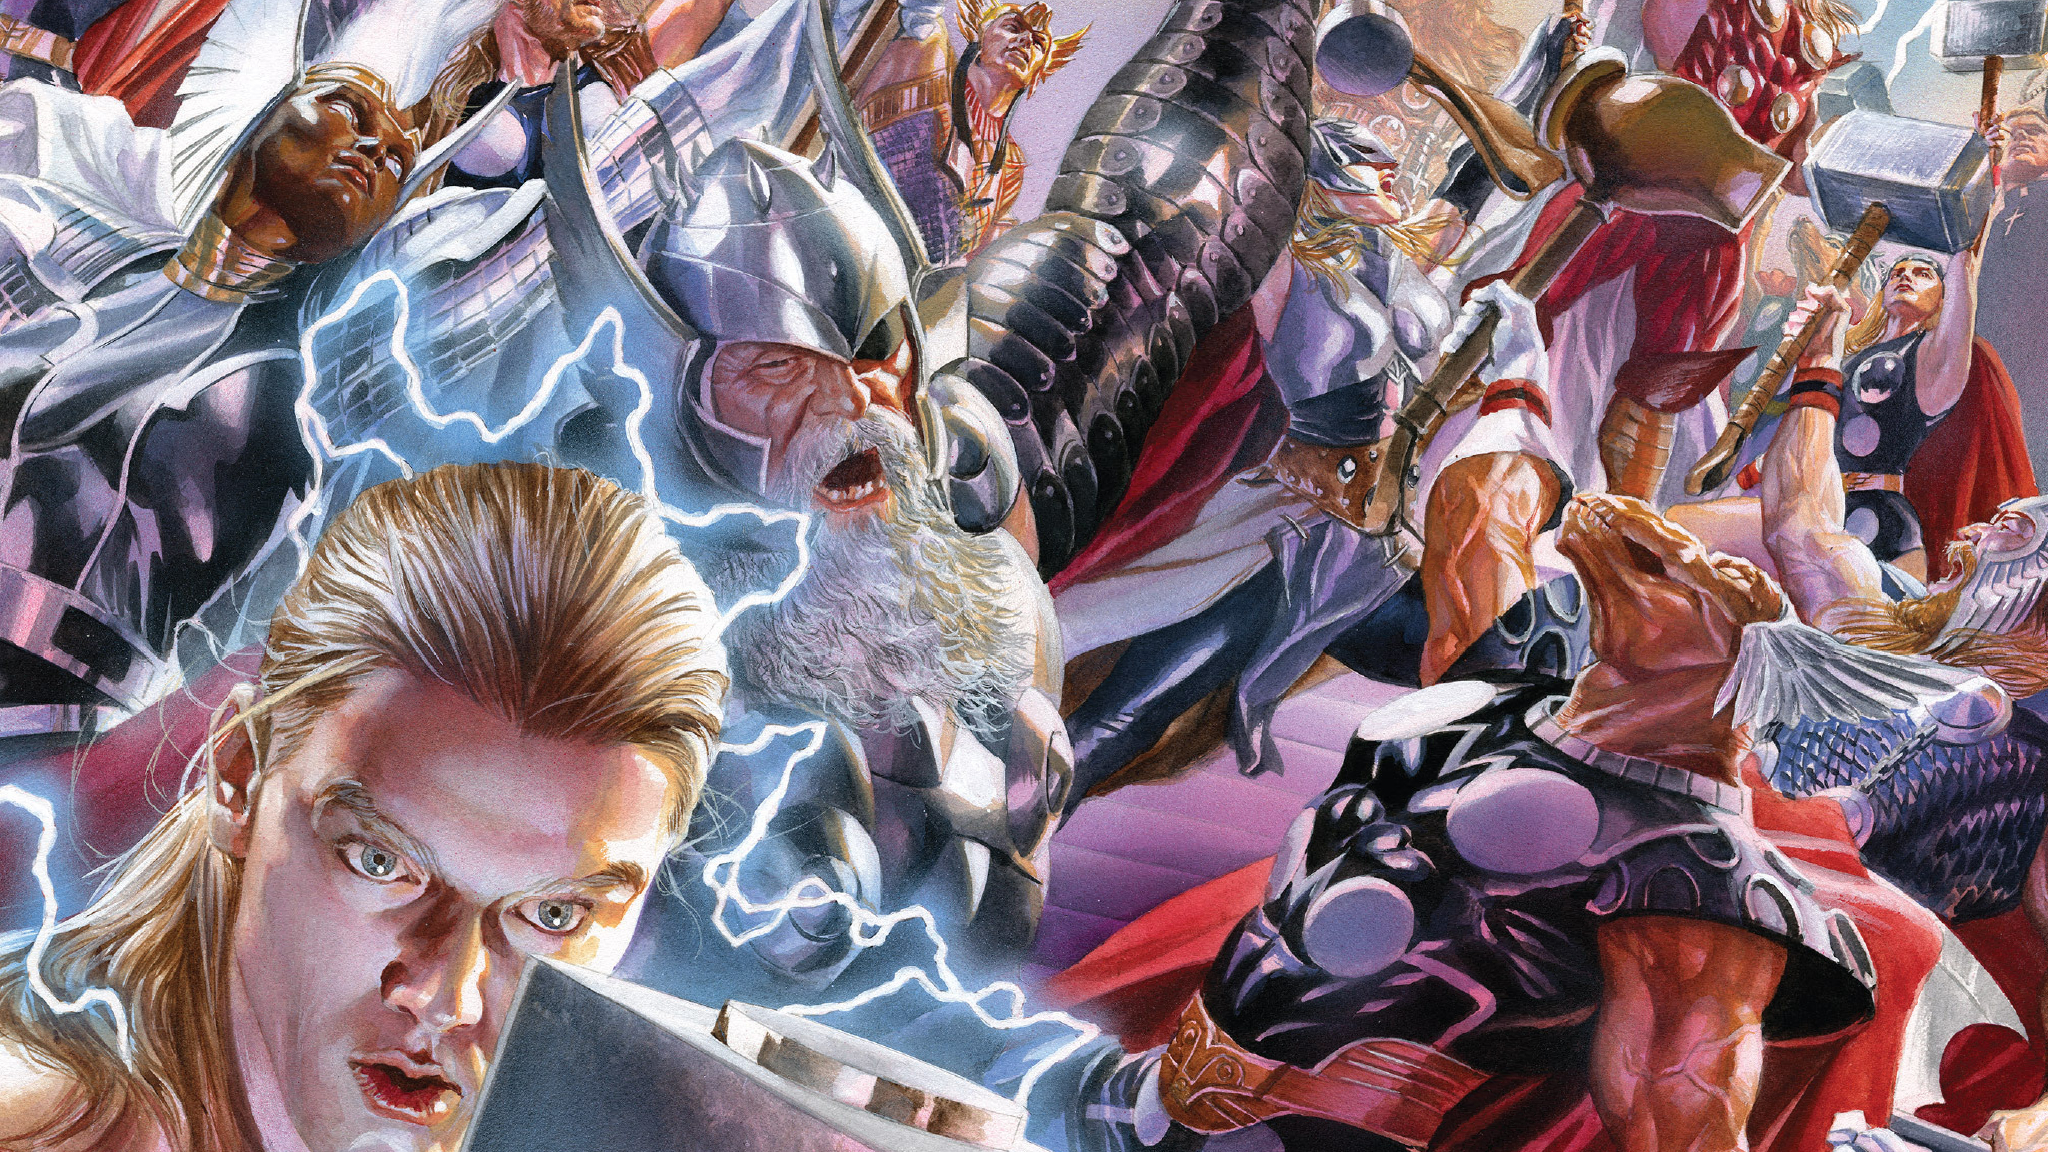 Most Inspiring Wallpaper Marvel Secret Wars - 617508  Trends_123128.jpg